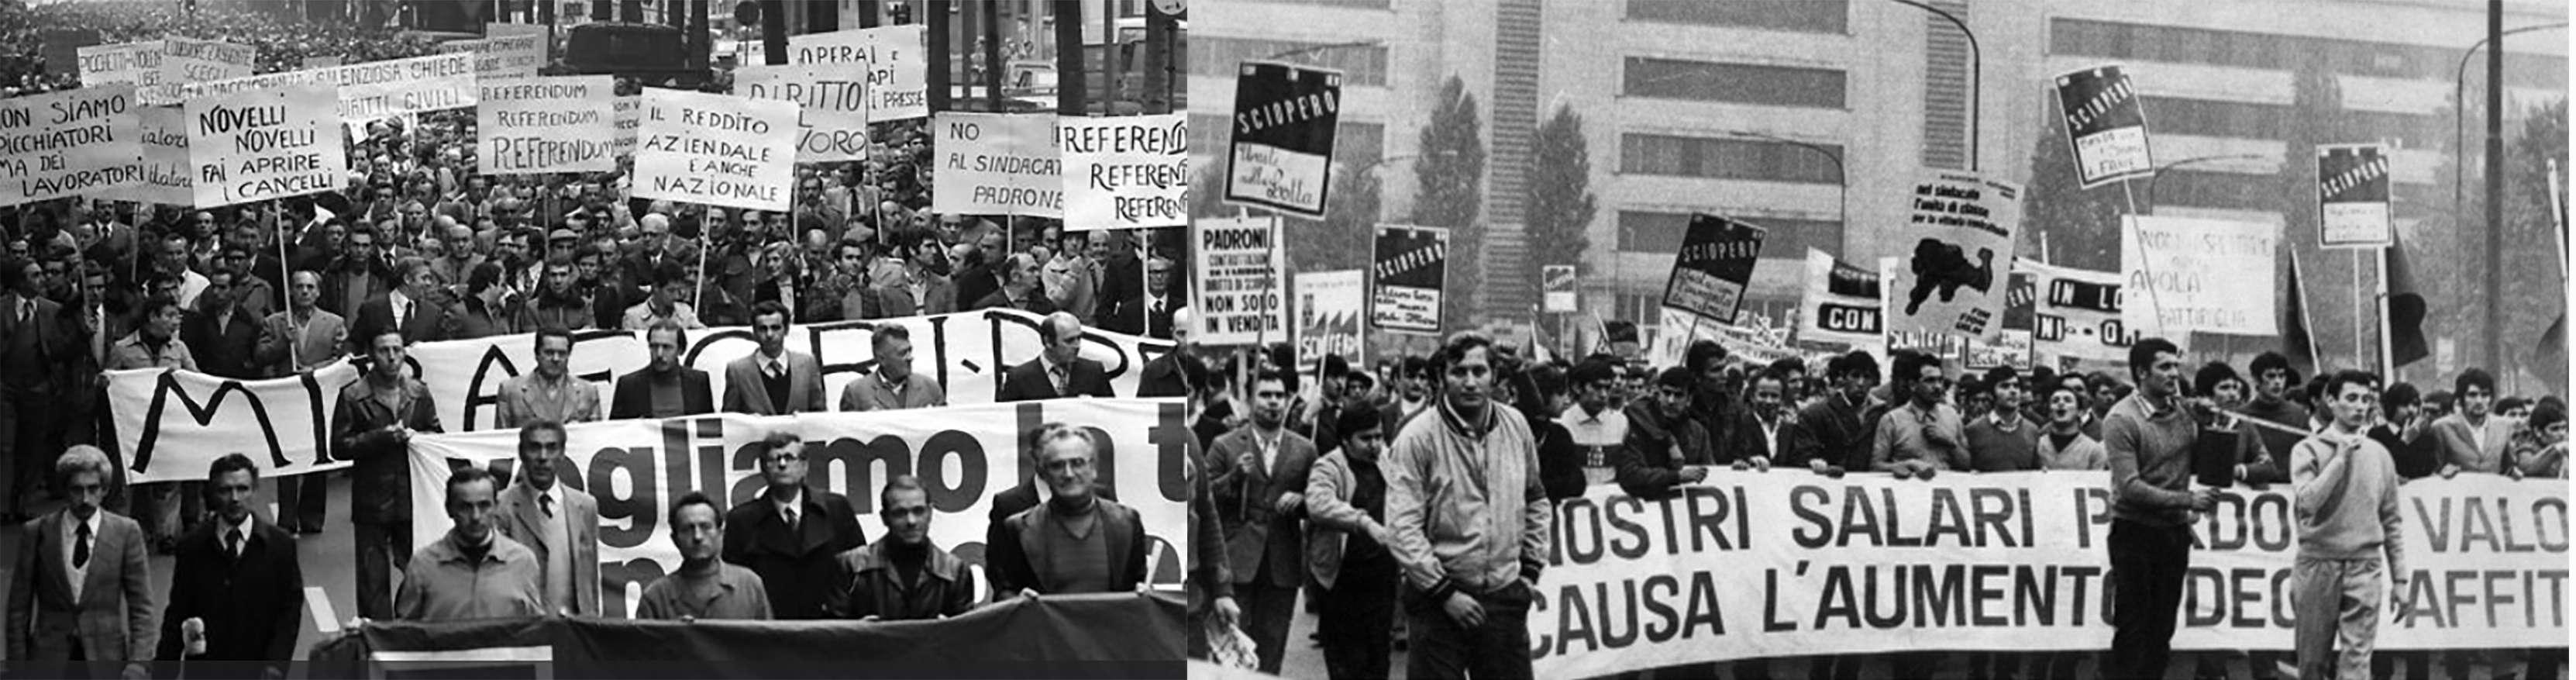 Torino 3 luglio 1969 la rivolta di Corso Traiano